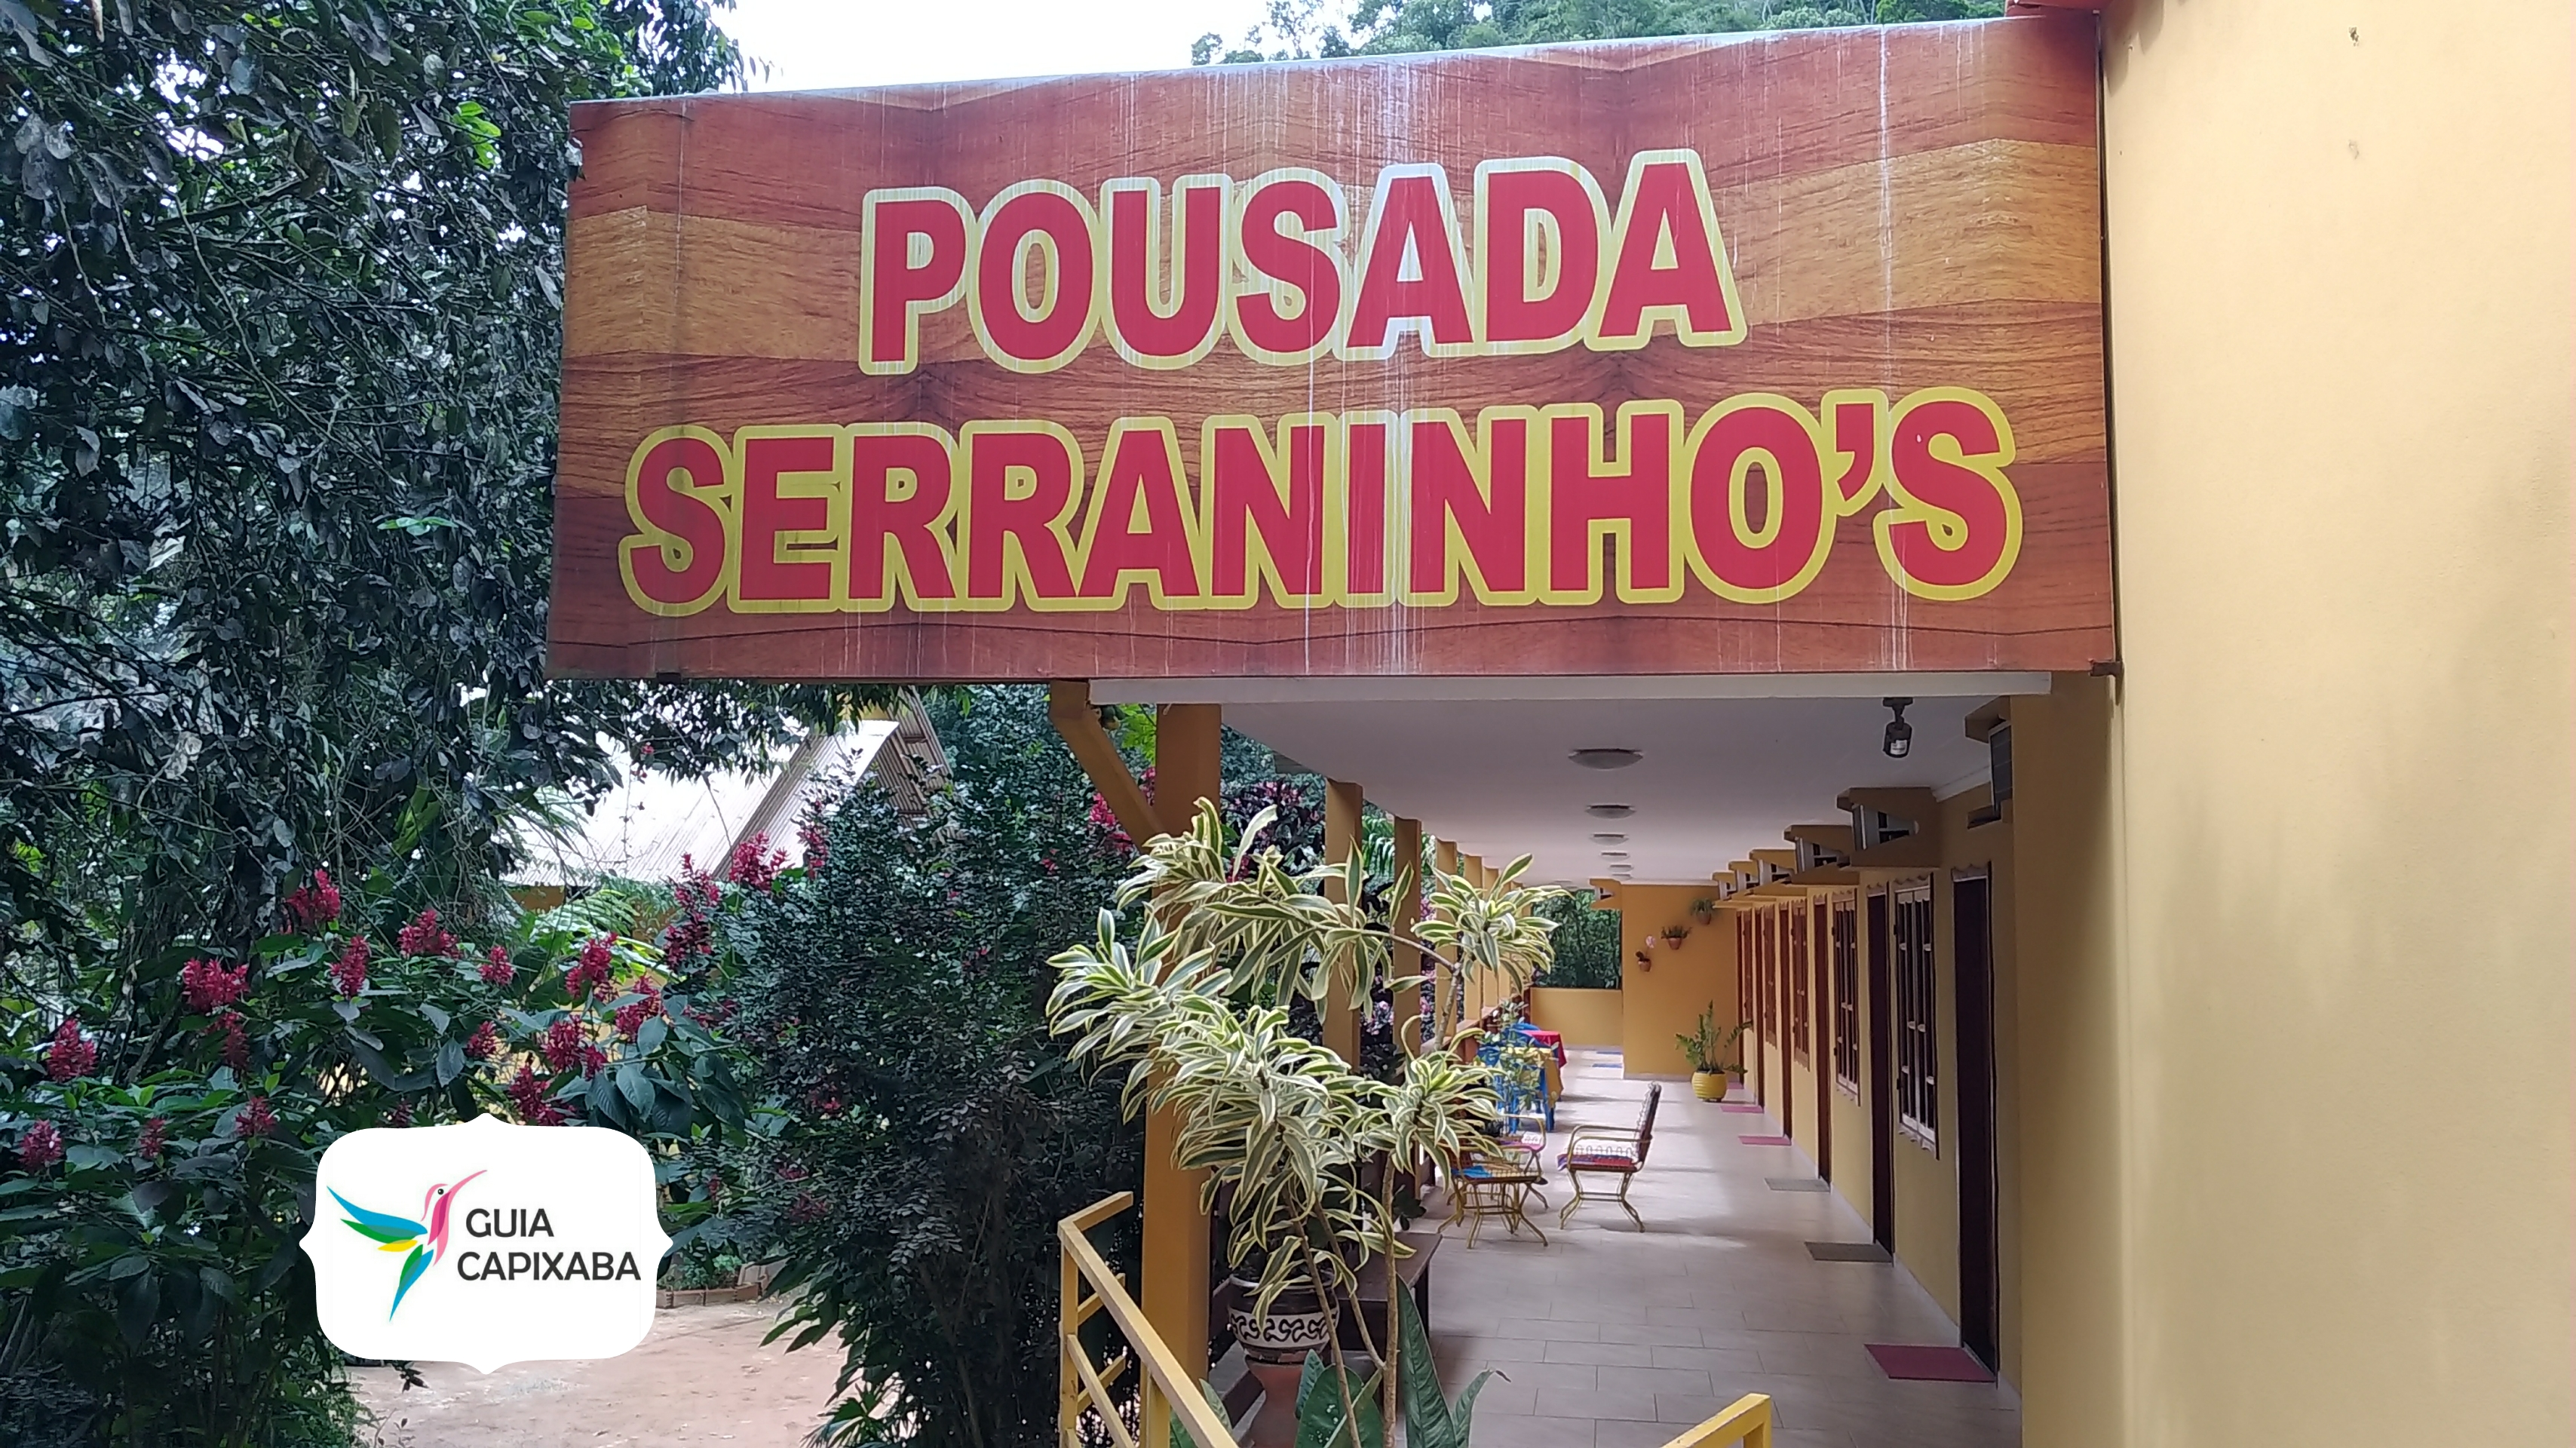 Pousada Serraninhos